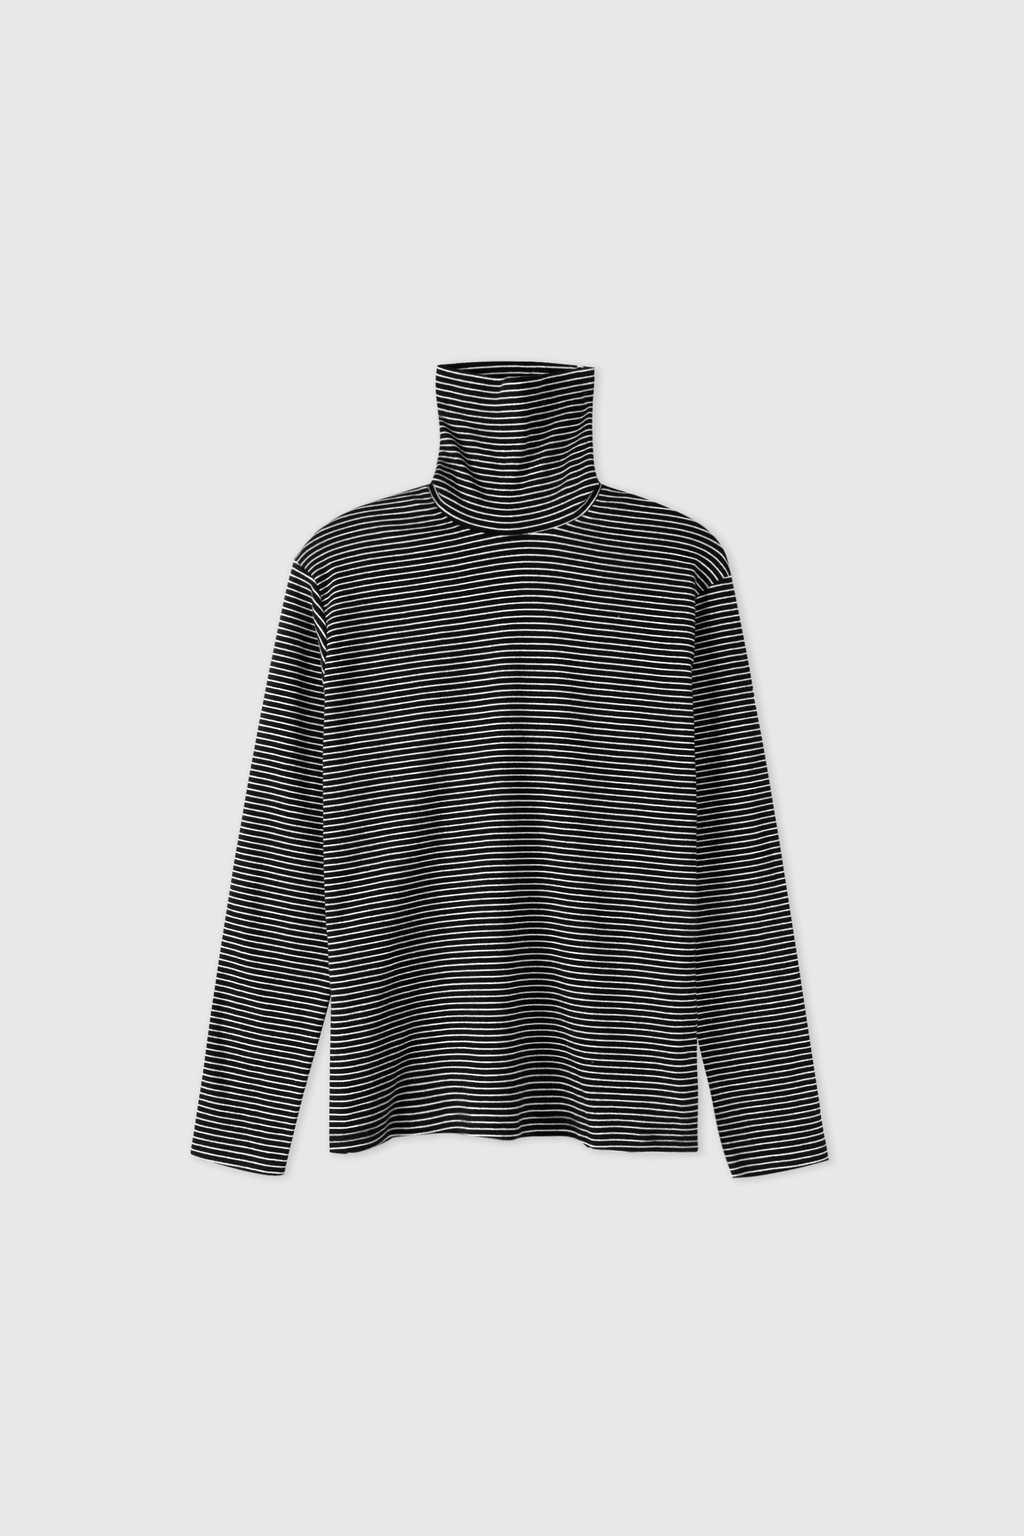 TShirt J011 Black 10